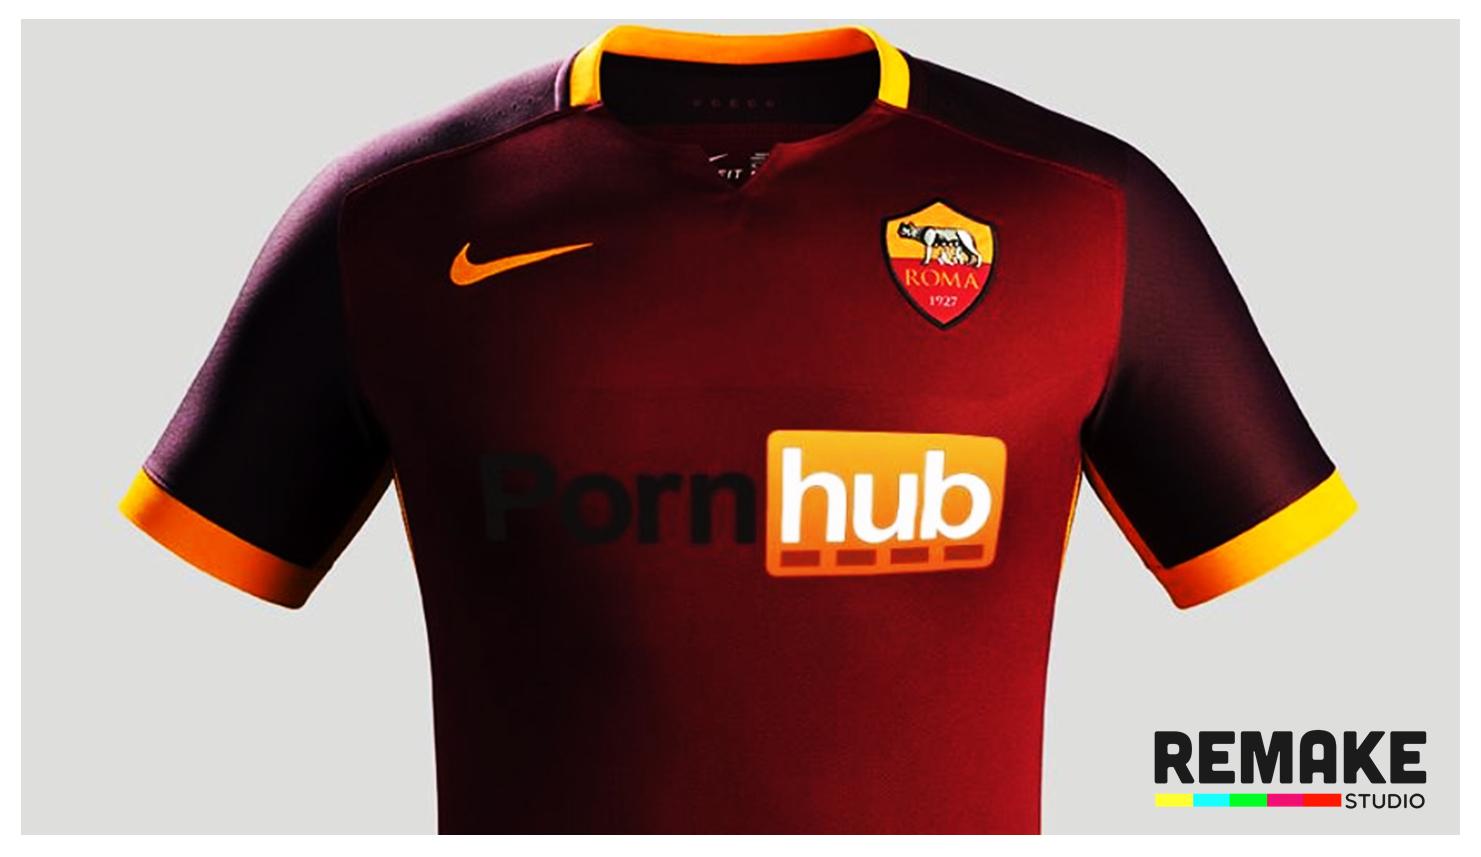 Nueva Web Porn remake studio: porn hub busca un equipo de fútbol como nueva